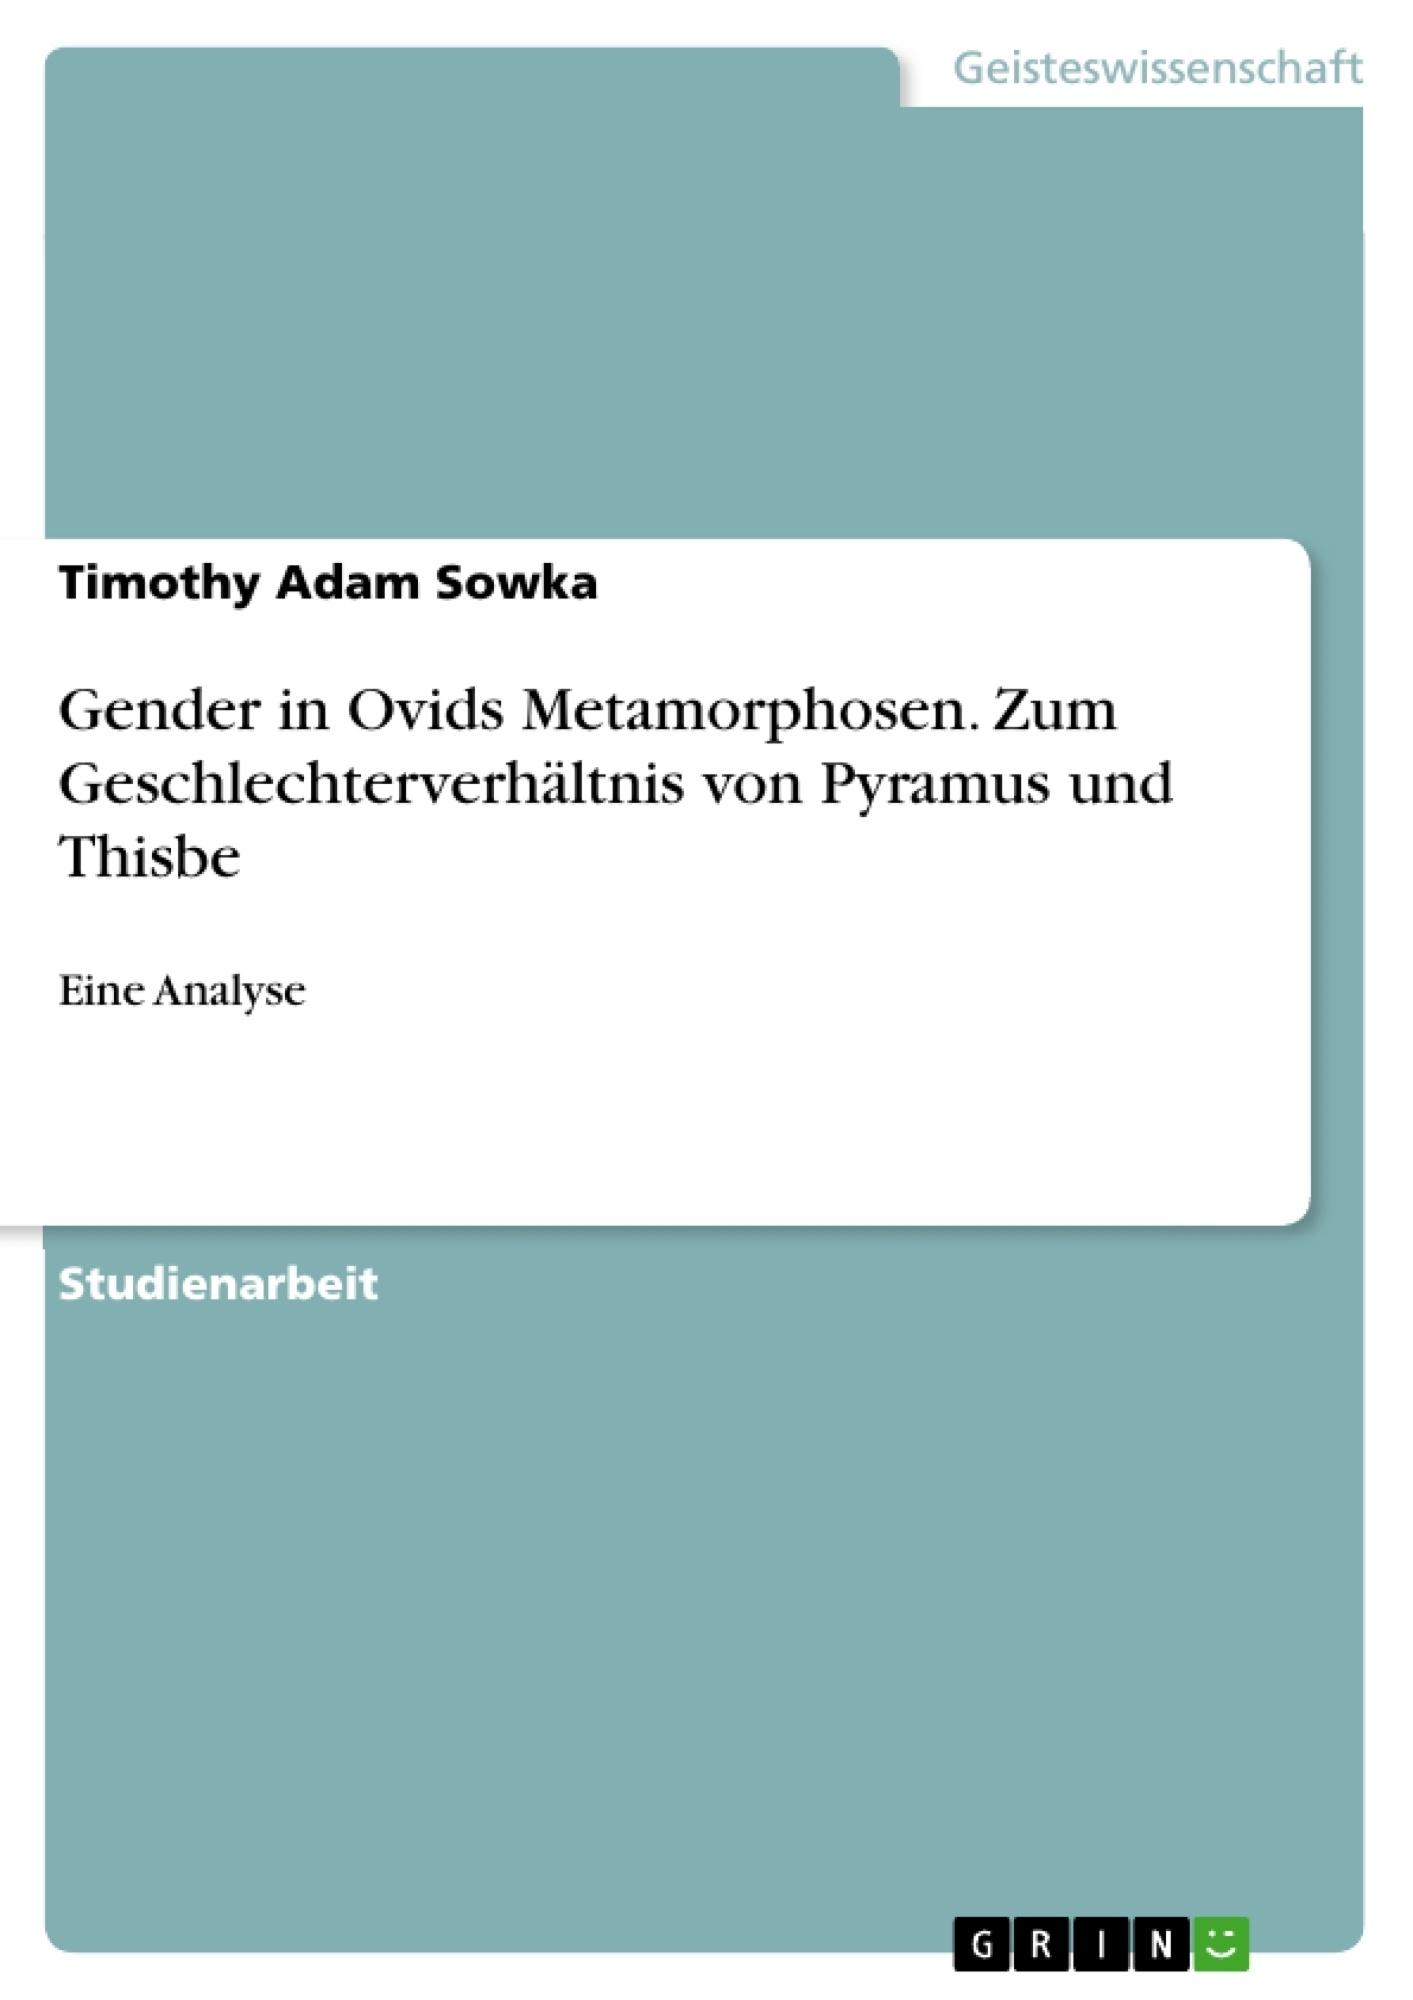 Titel: Gender in Ovids Metamorphosen. Zum Geschlechterverhältnis von Pyramus und Thisbe